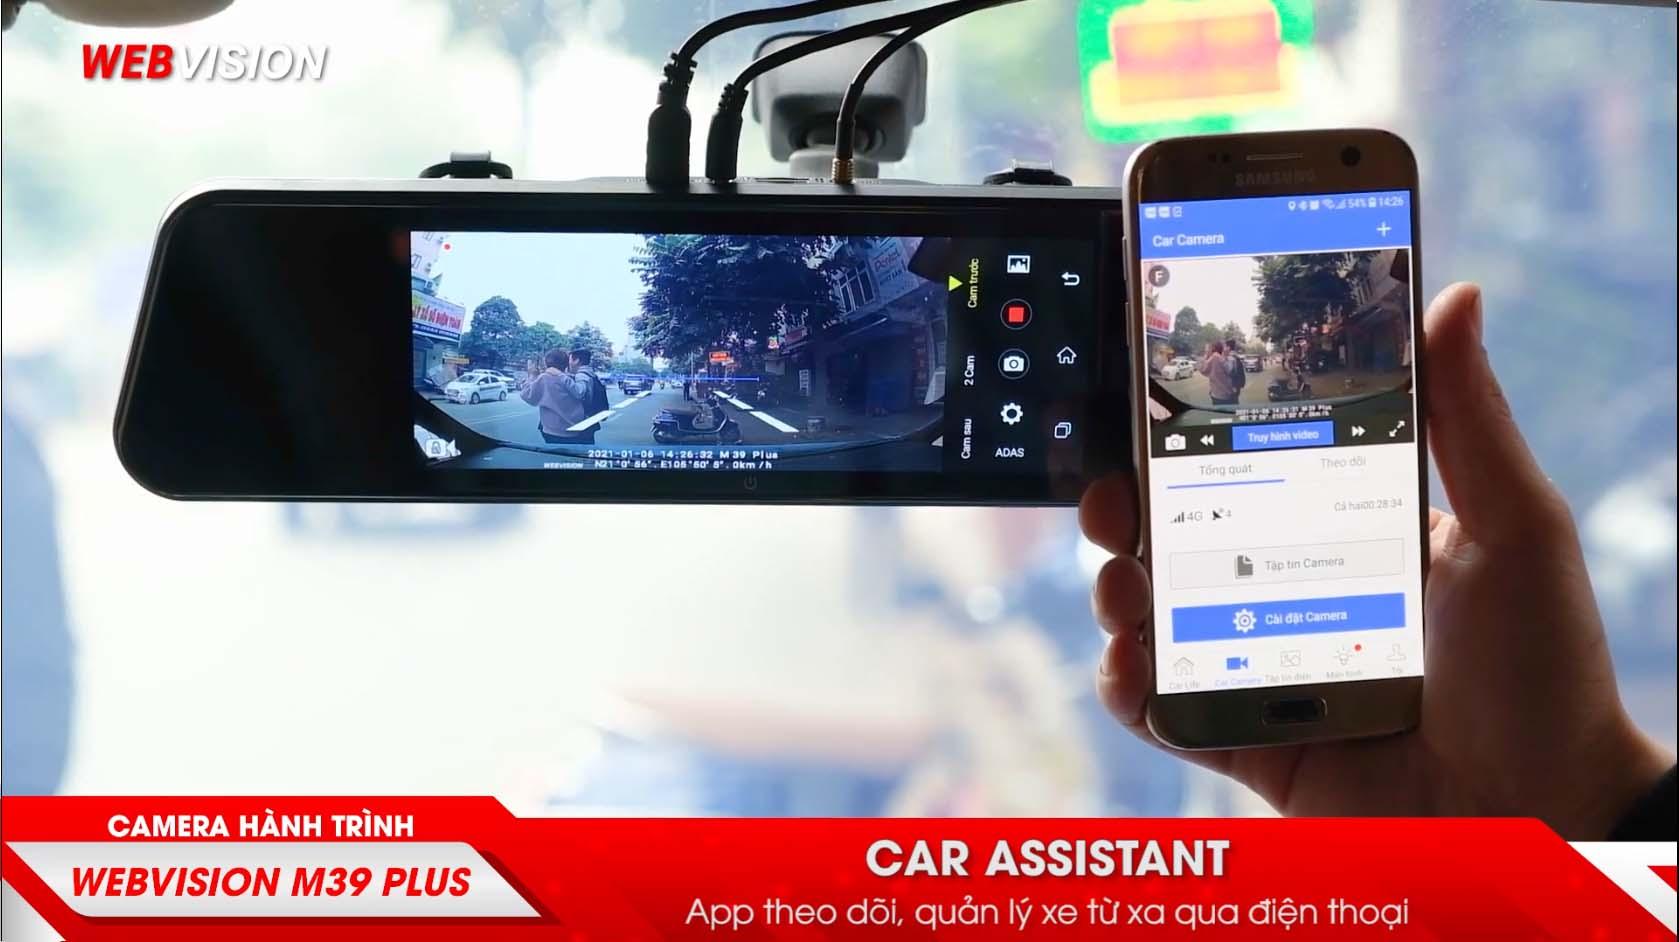 định vị - giám sát ô tô trực tuyến bằng webvision m39 plus